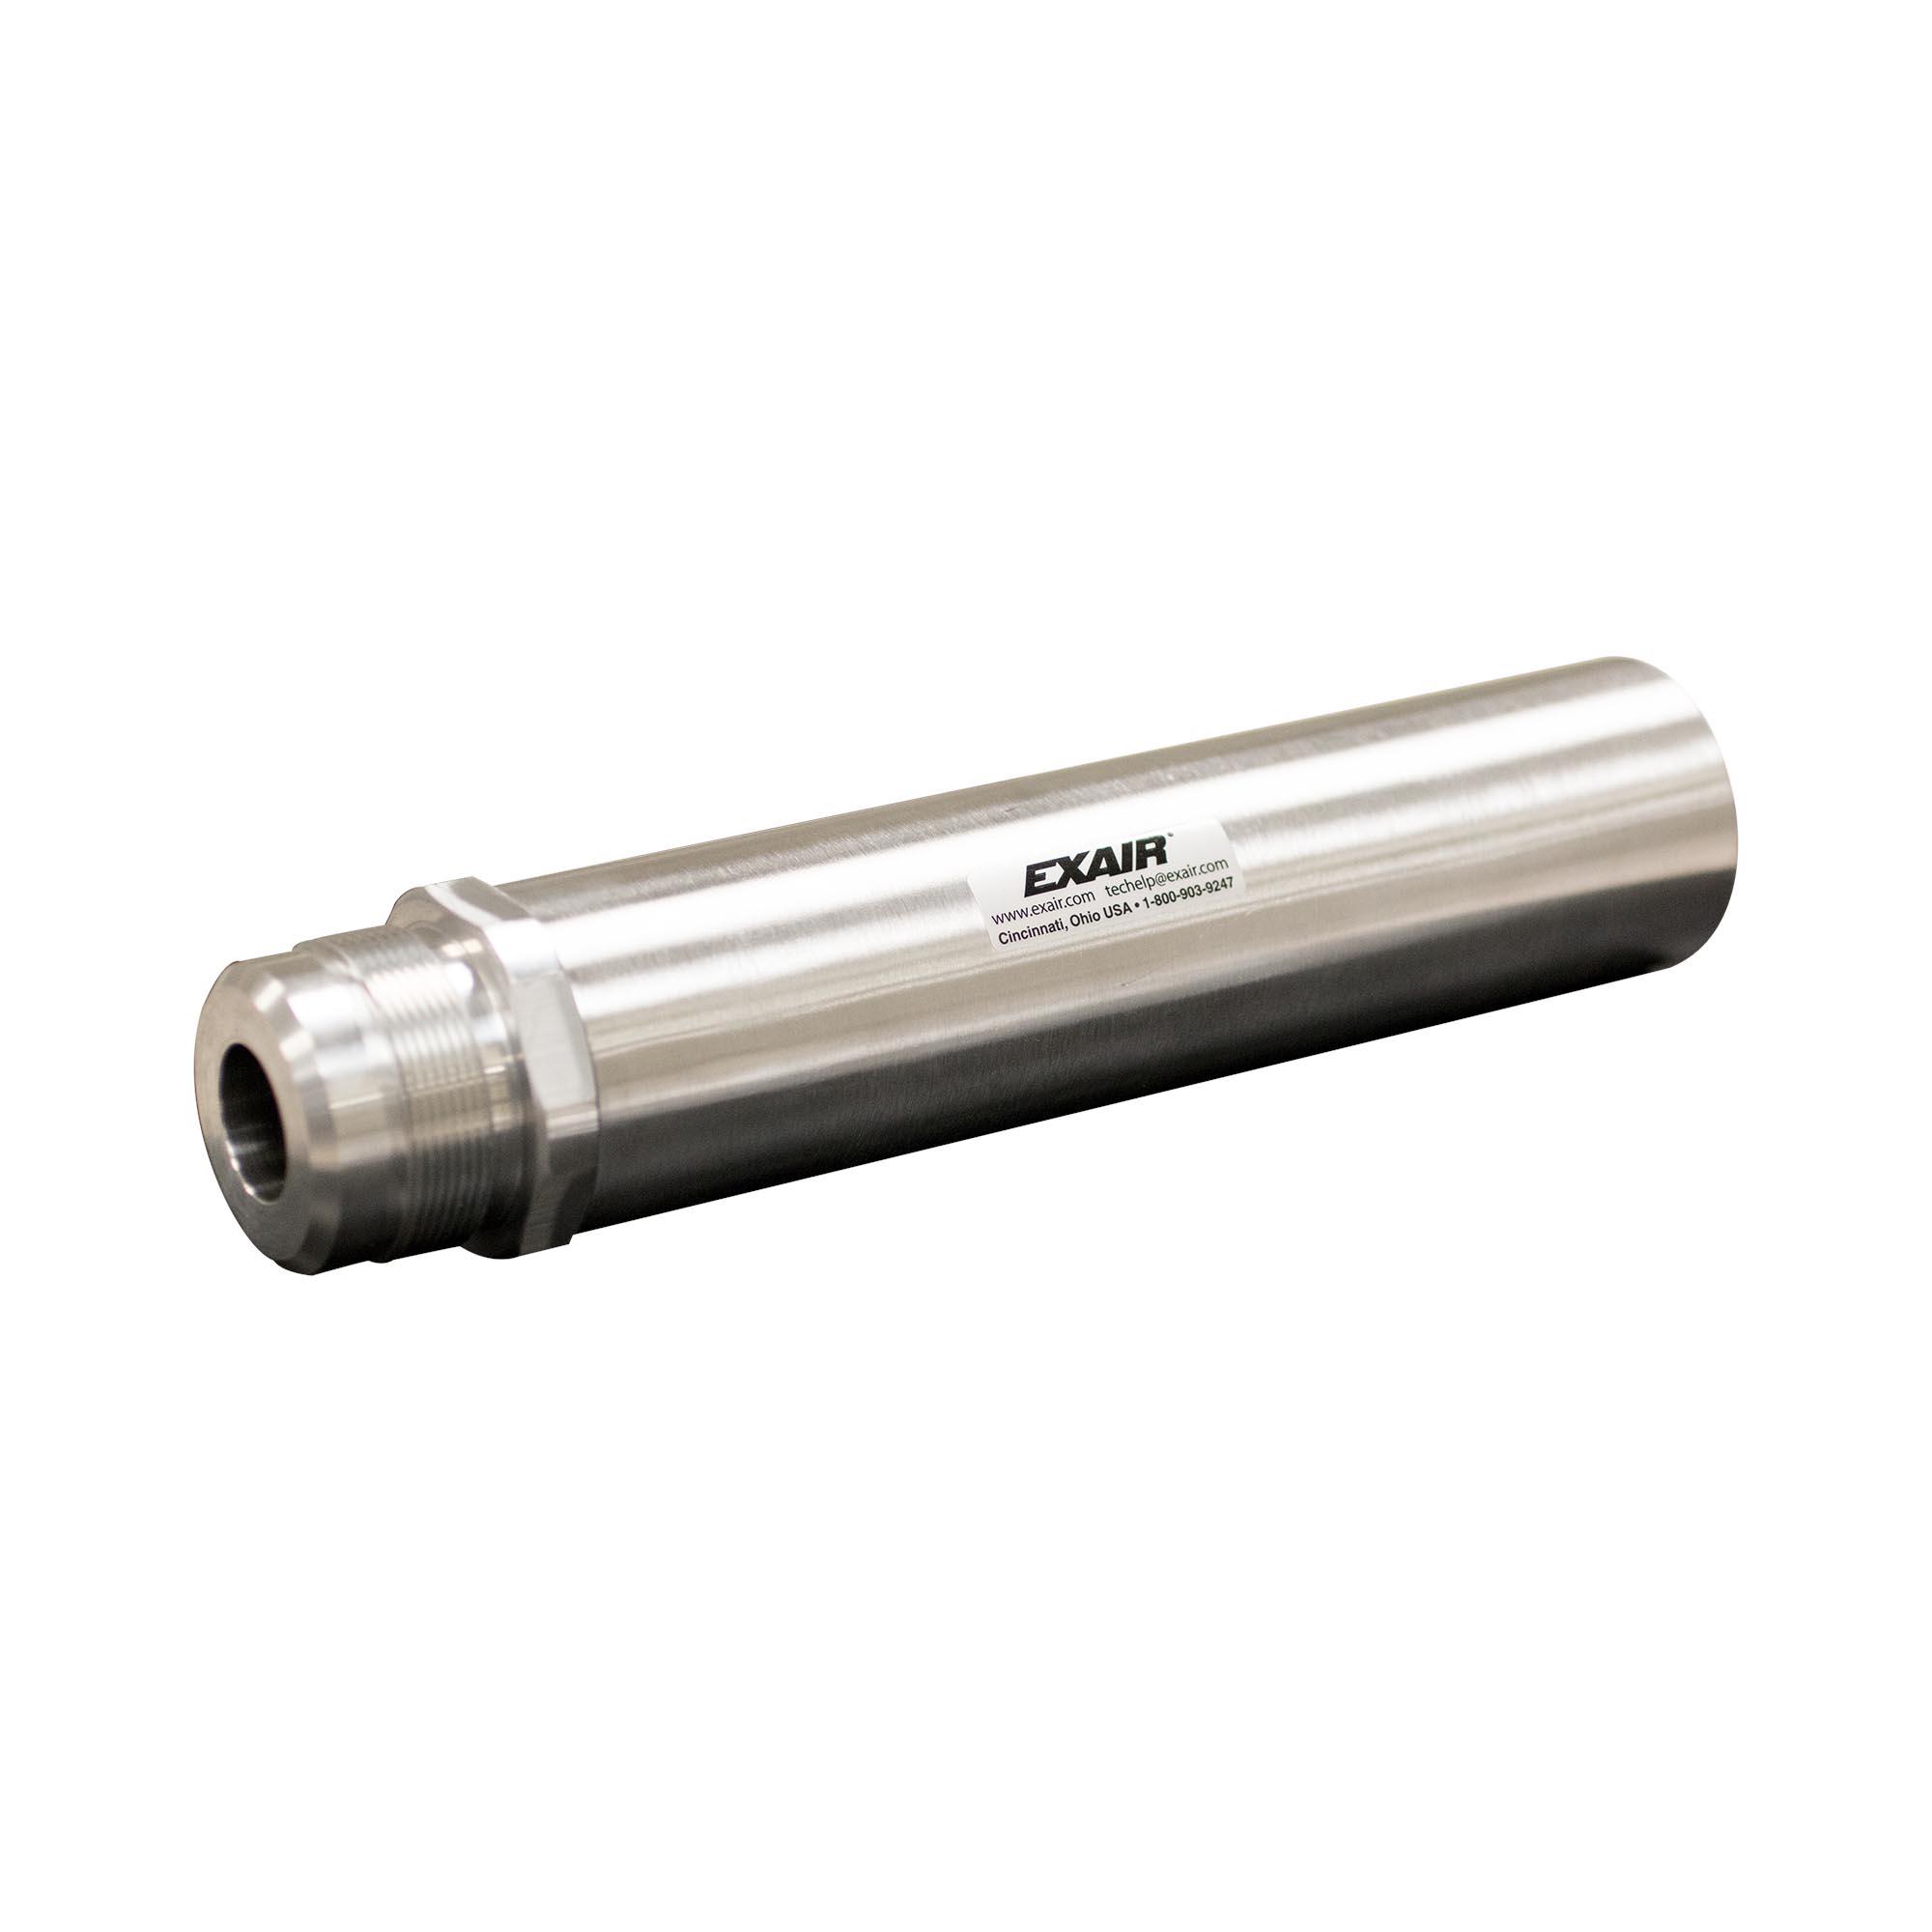 Model 3906 Cold Muffler 50-150 SCFM